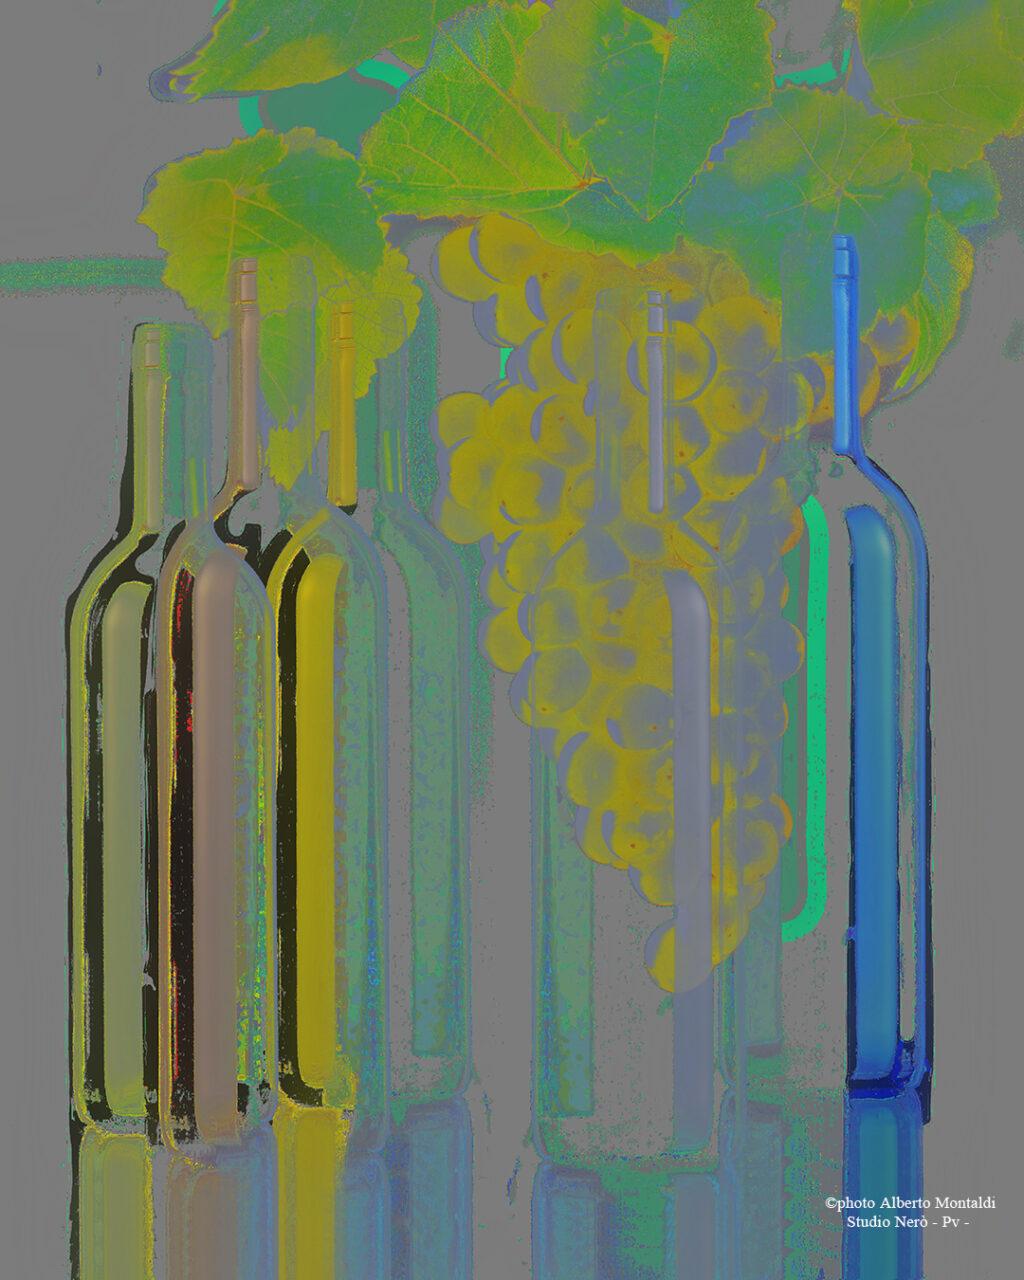 composizione bottiglie bordolesi con uva in trasparenza elaborazione